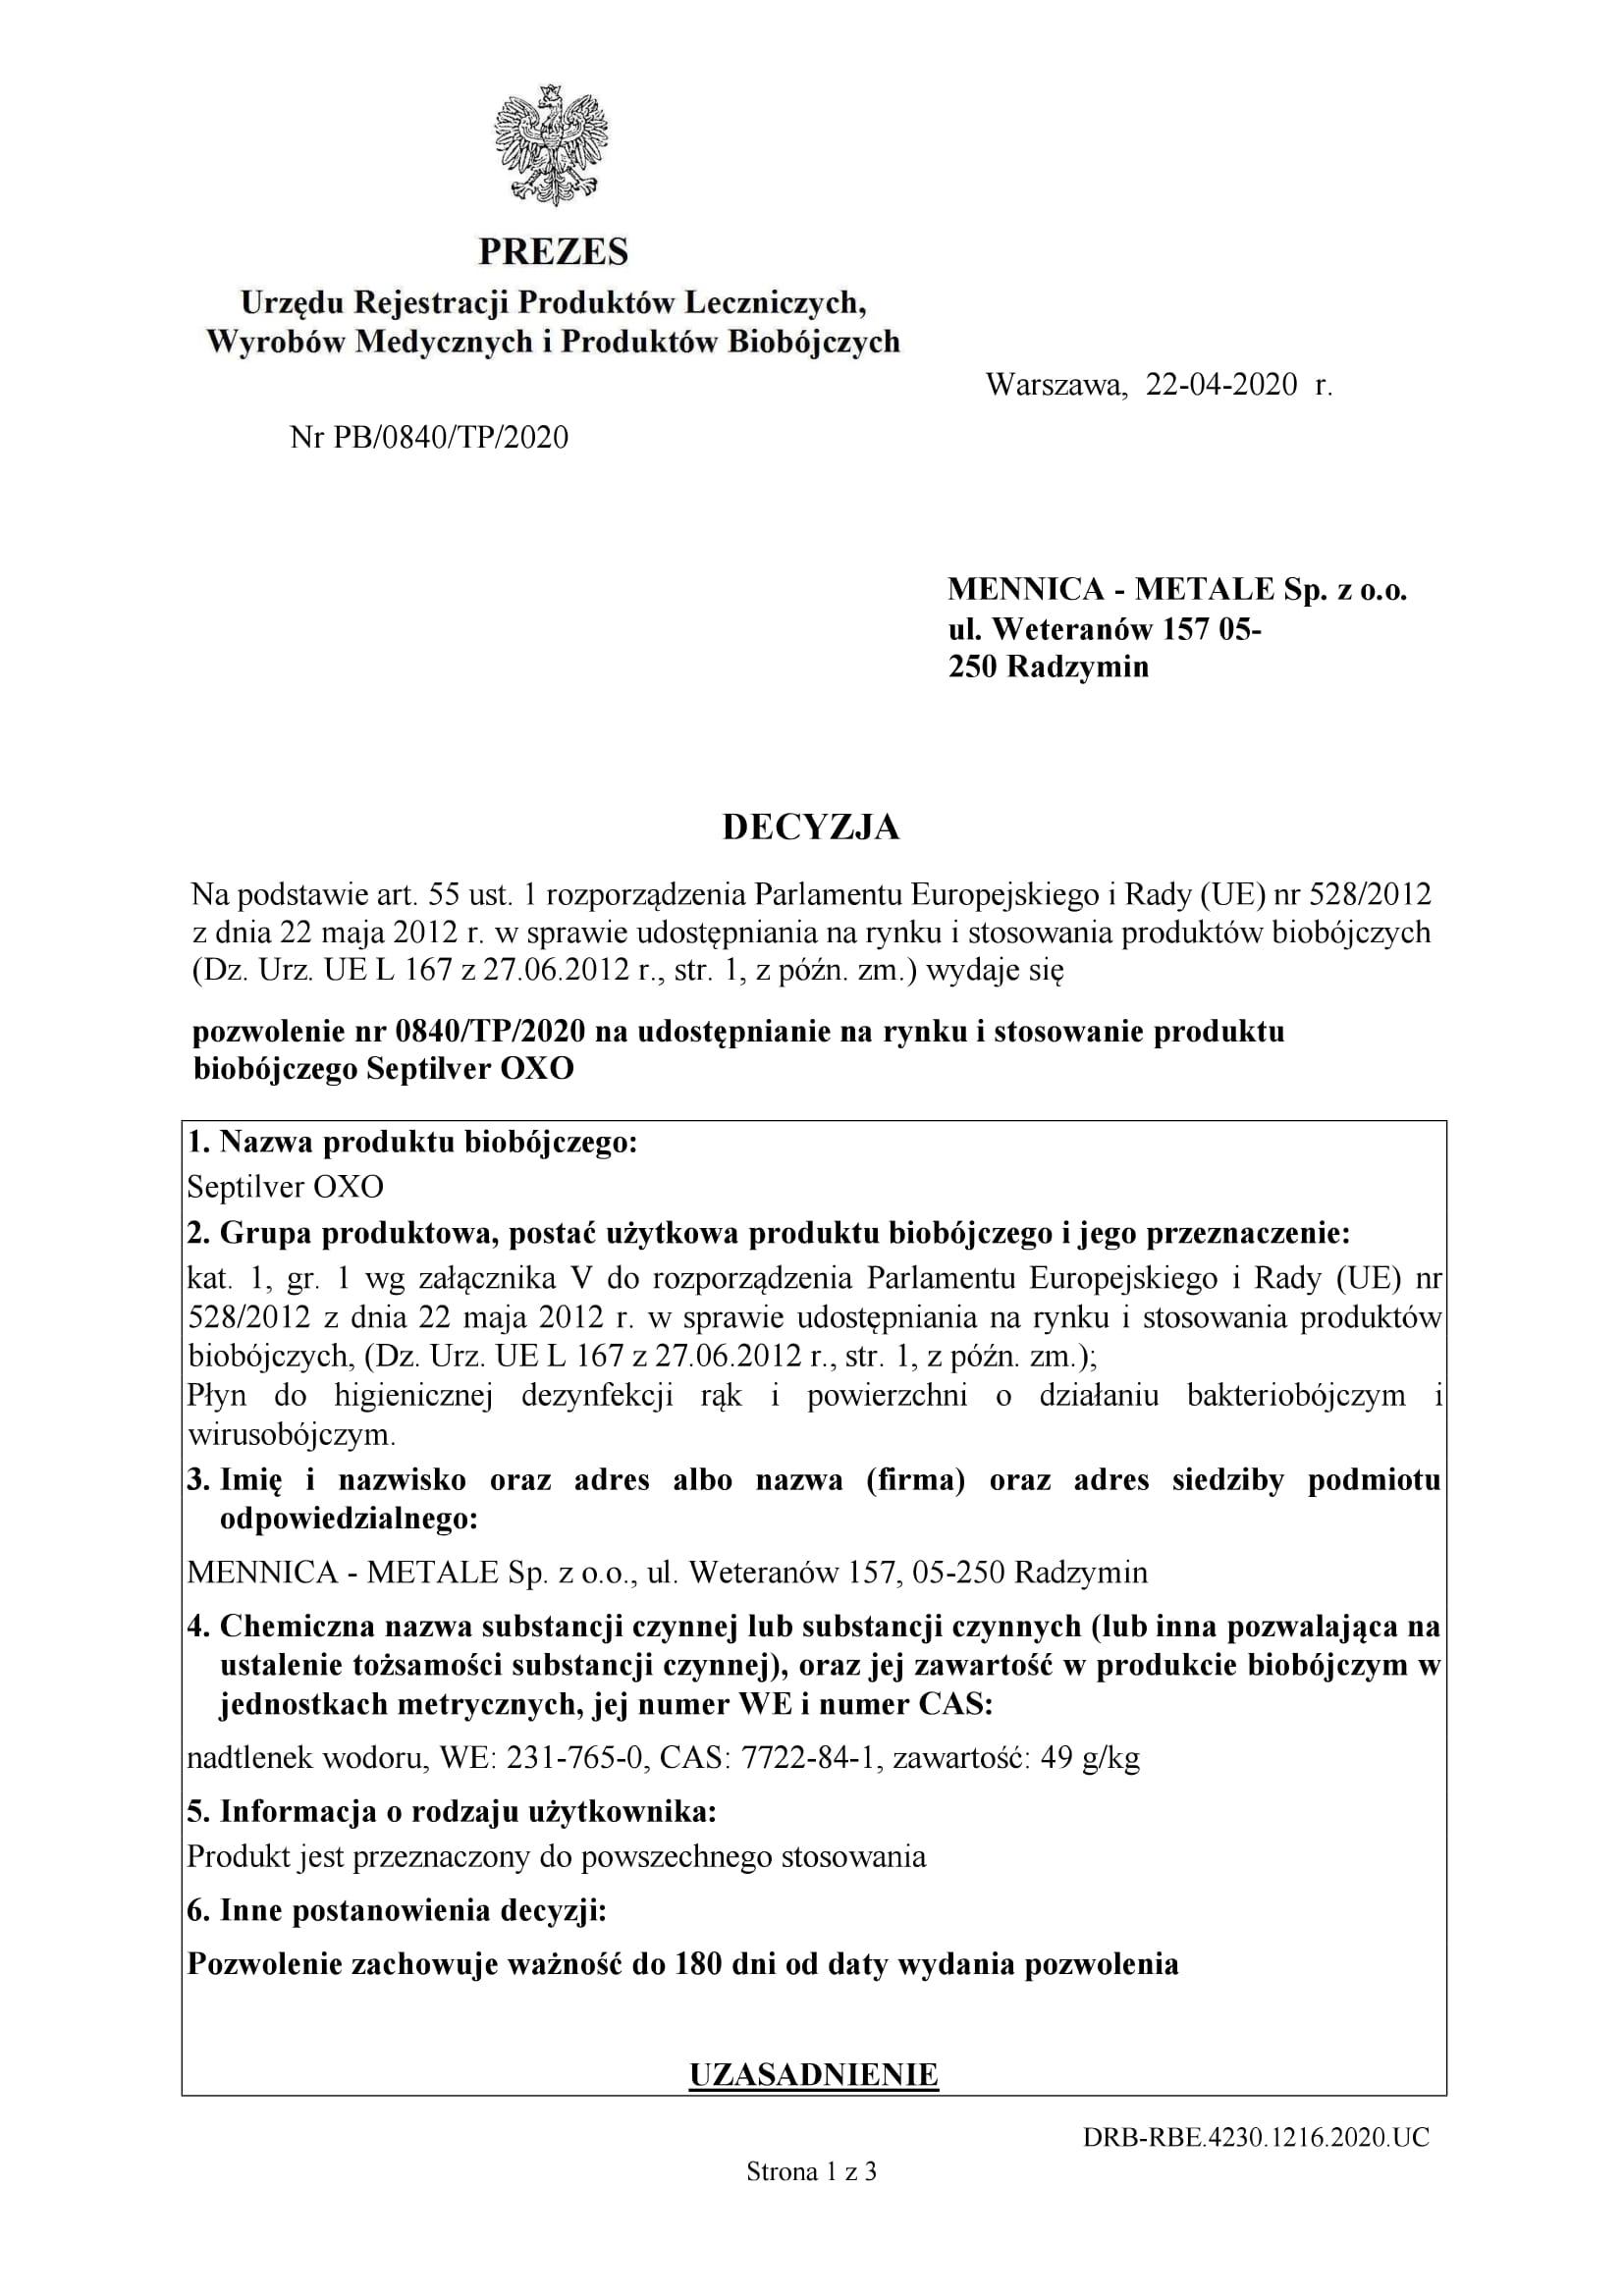 Septilver OXO –  Pozwolenie na udostępnienie i stosowanie